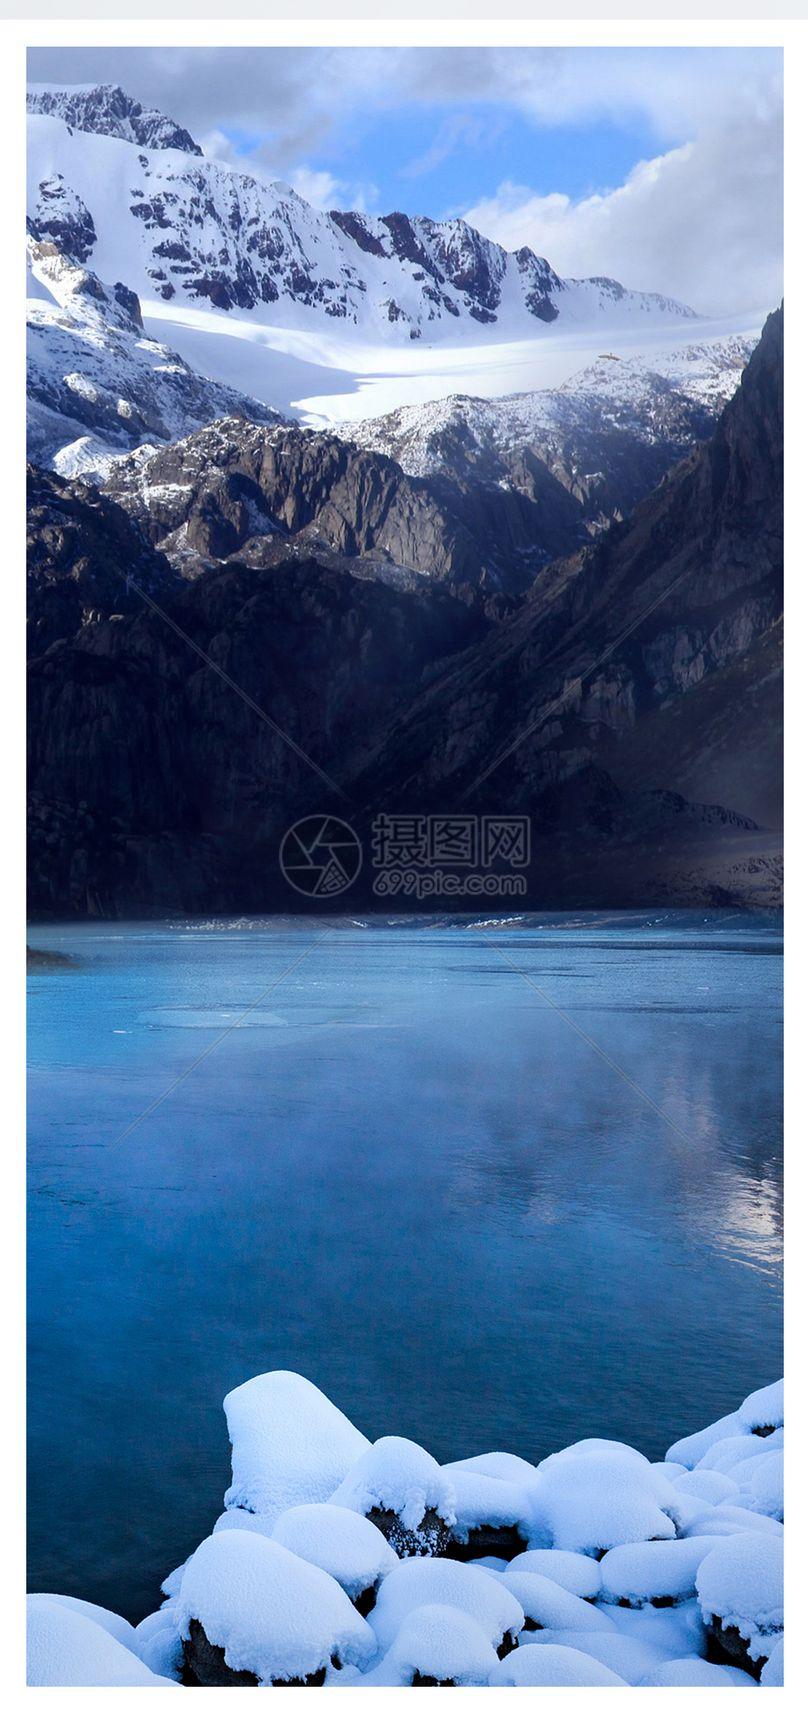 冬季雪山湖泊手机壁纸图片